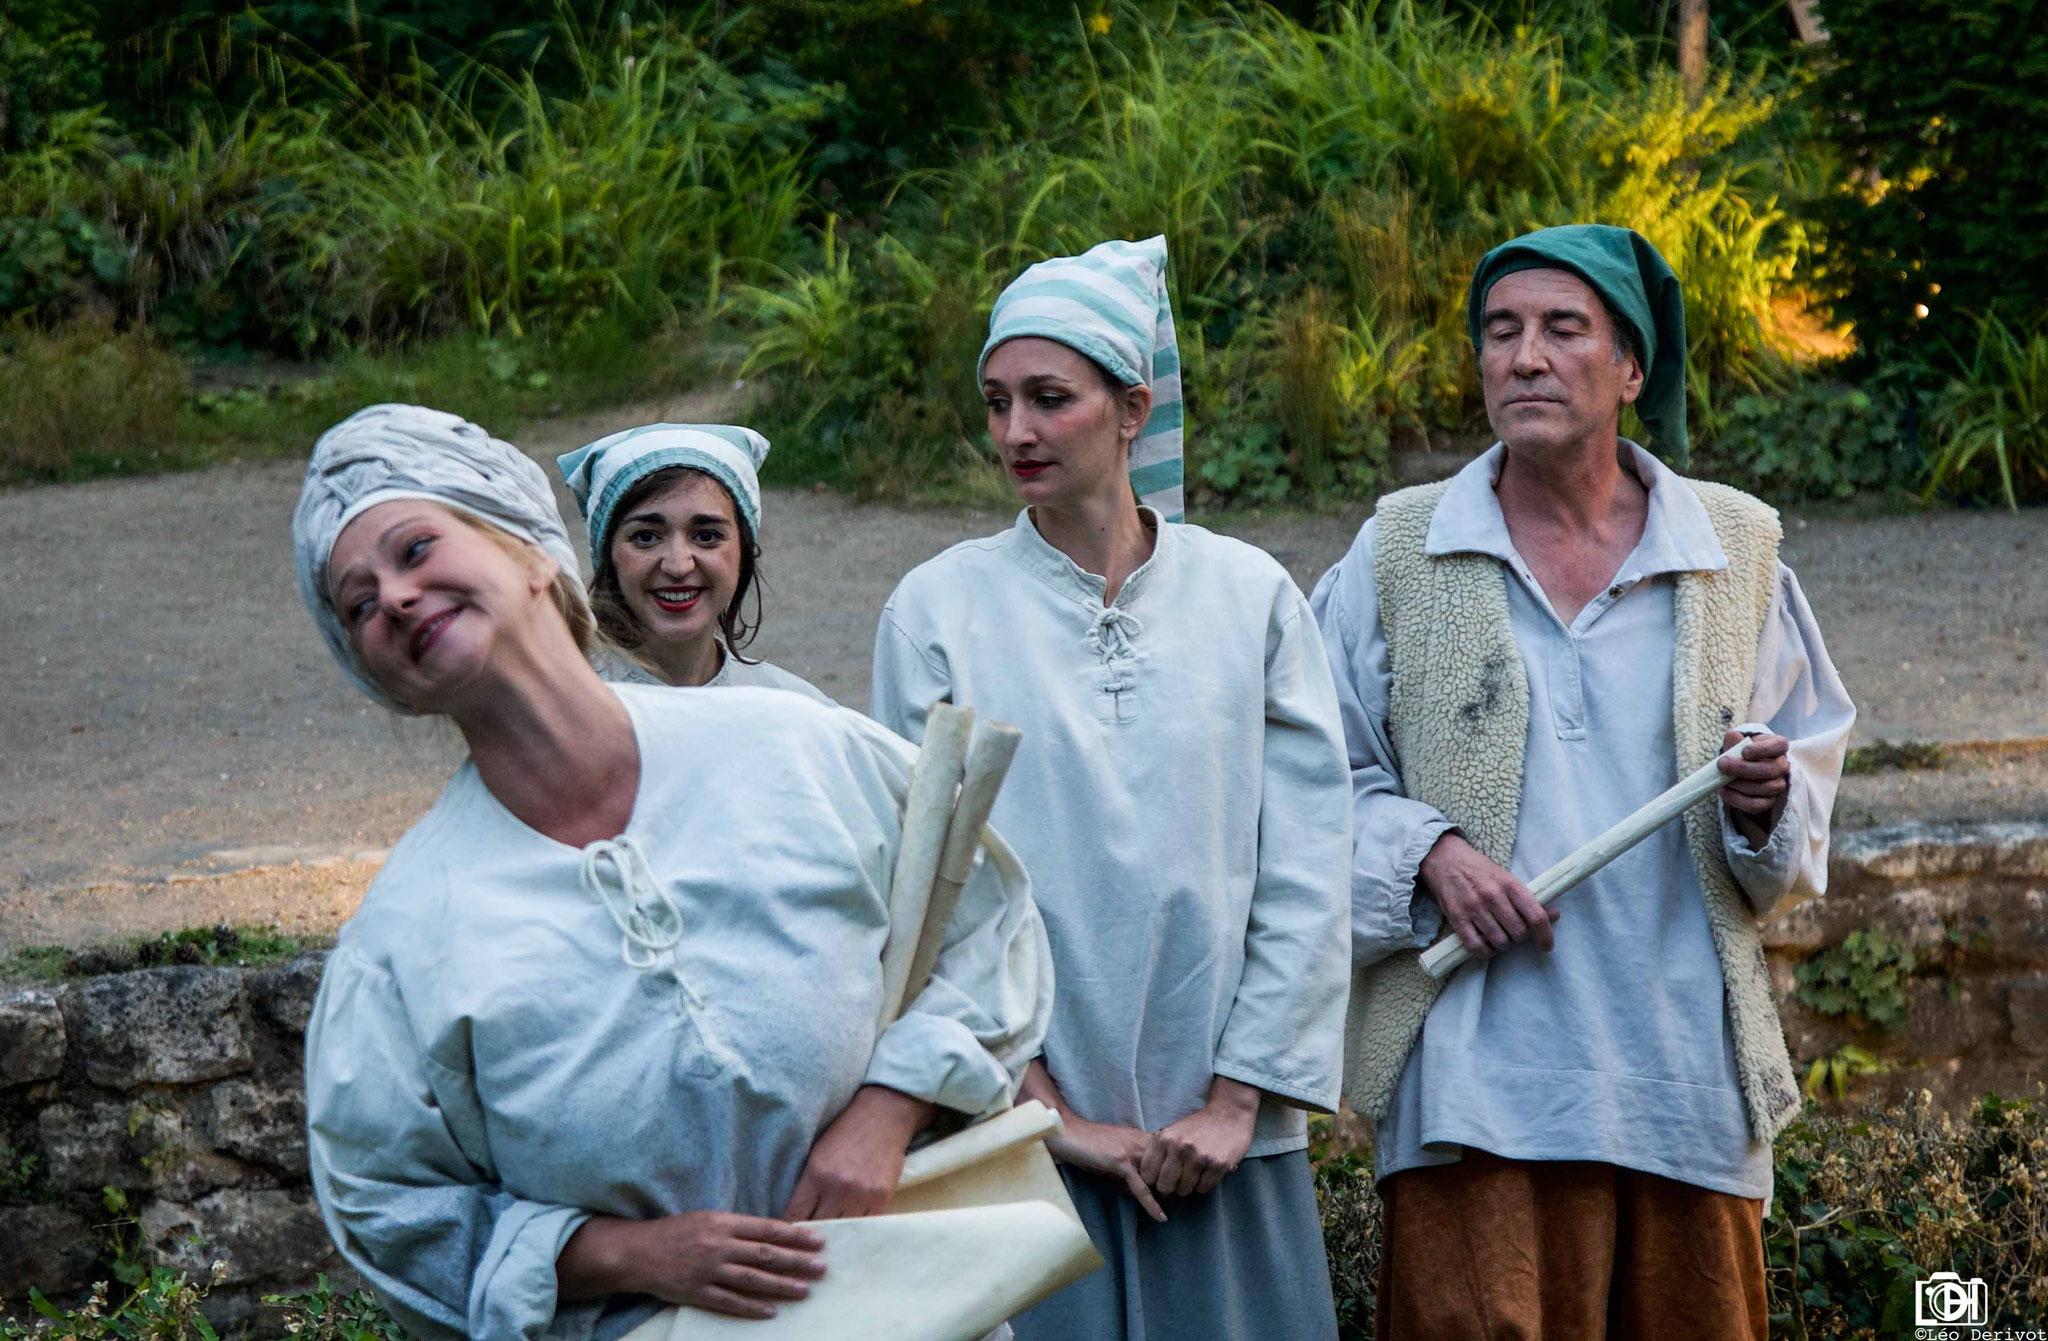 Le songe d'une nuit d'été, adaptation Carine Montag, 2017